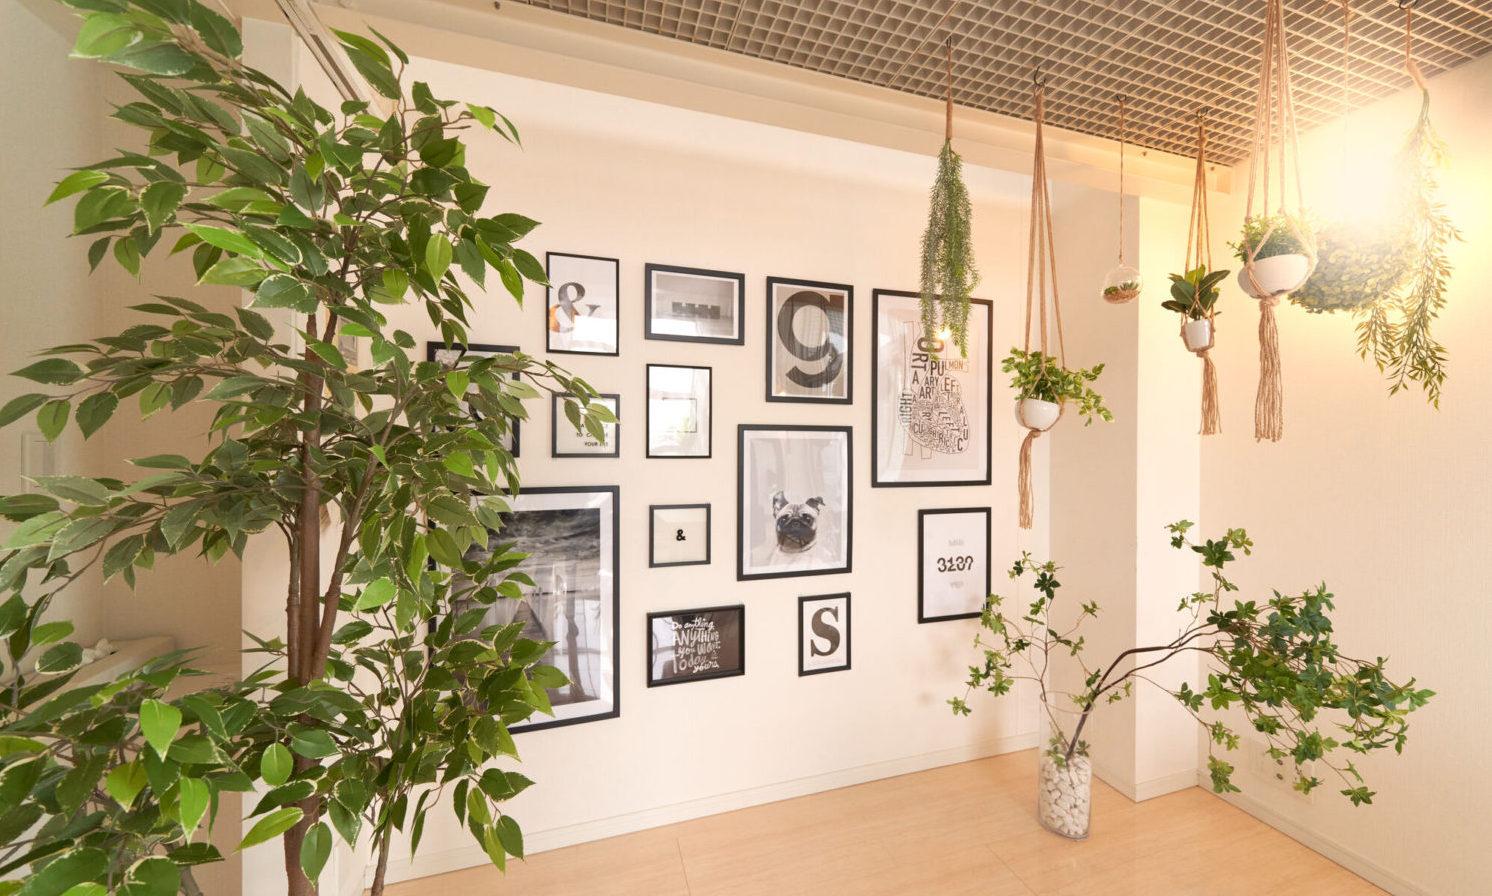 イベントや展示会で植物をレンタルするならグリーンレンタル!